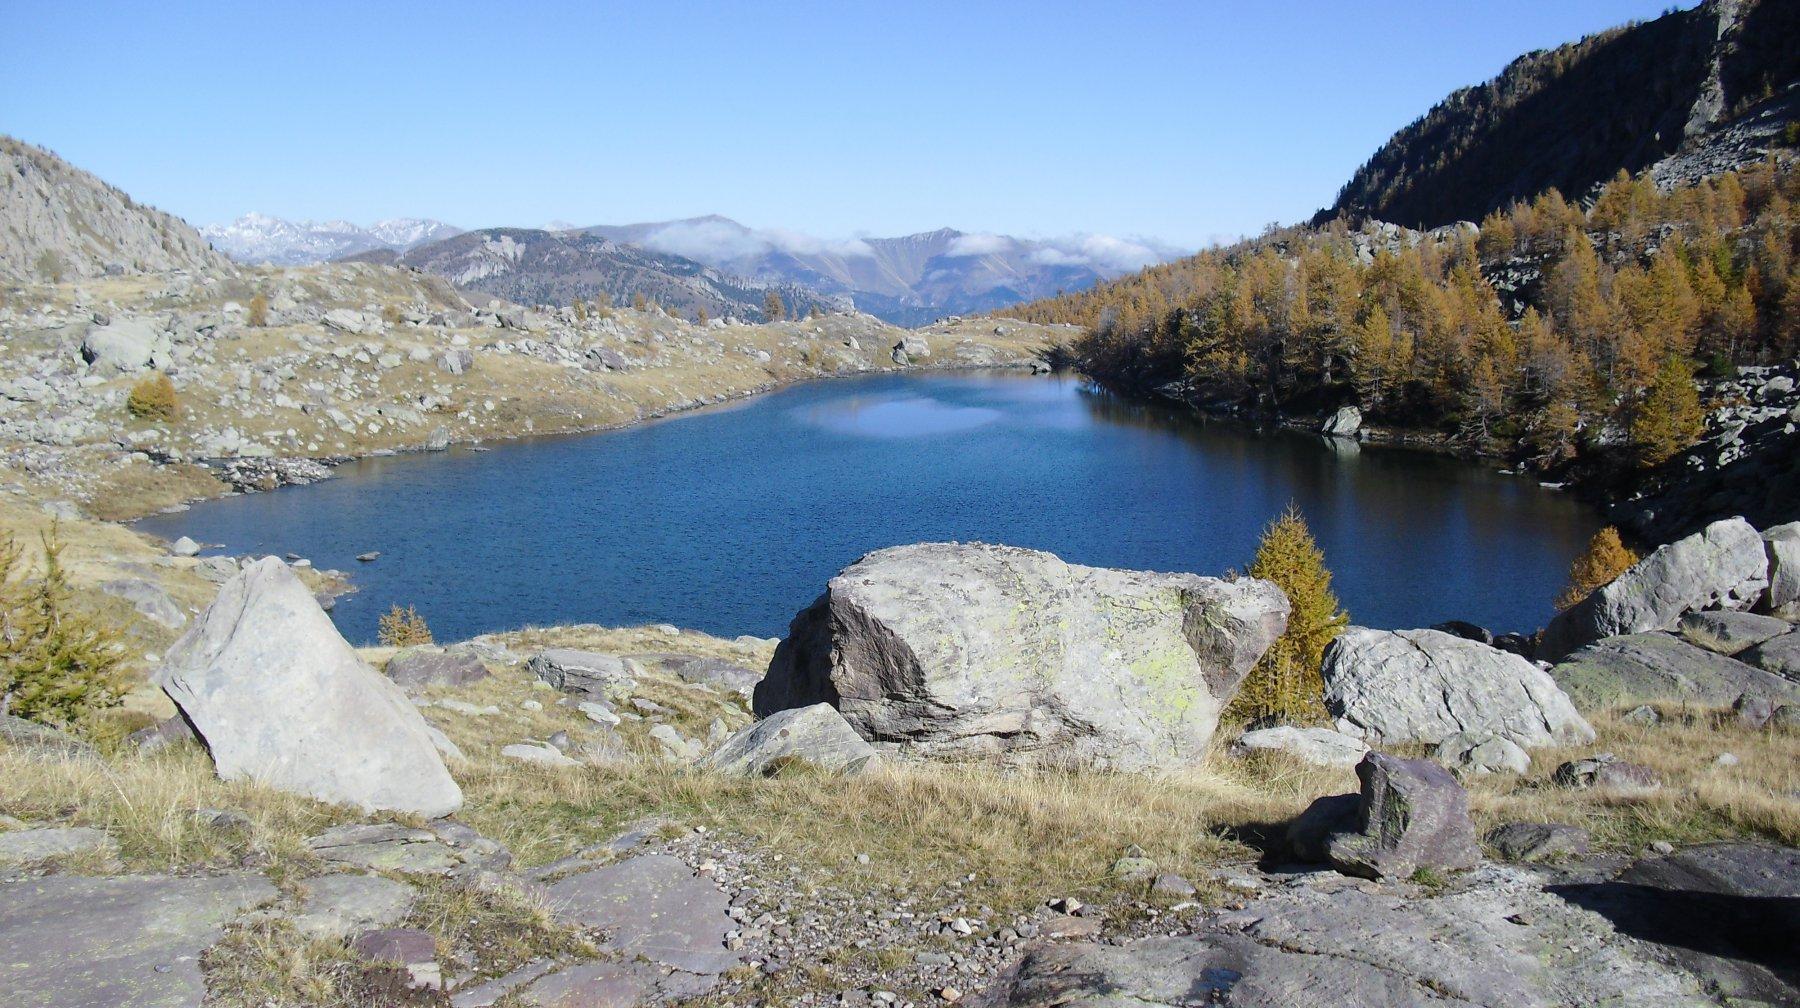 Il lago sotto al rifugio.